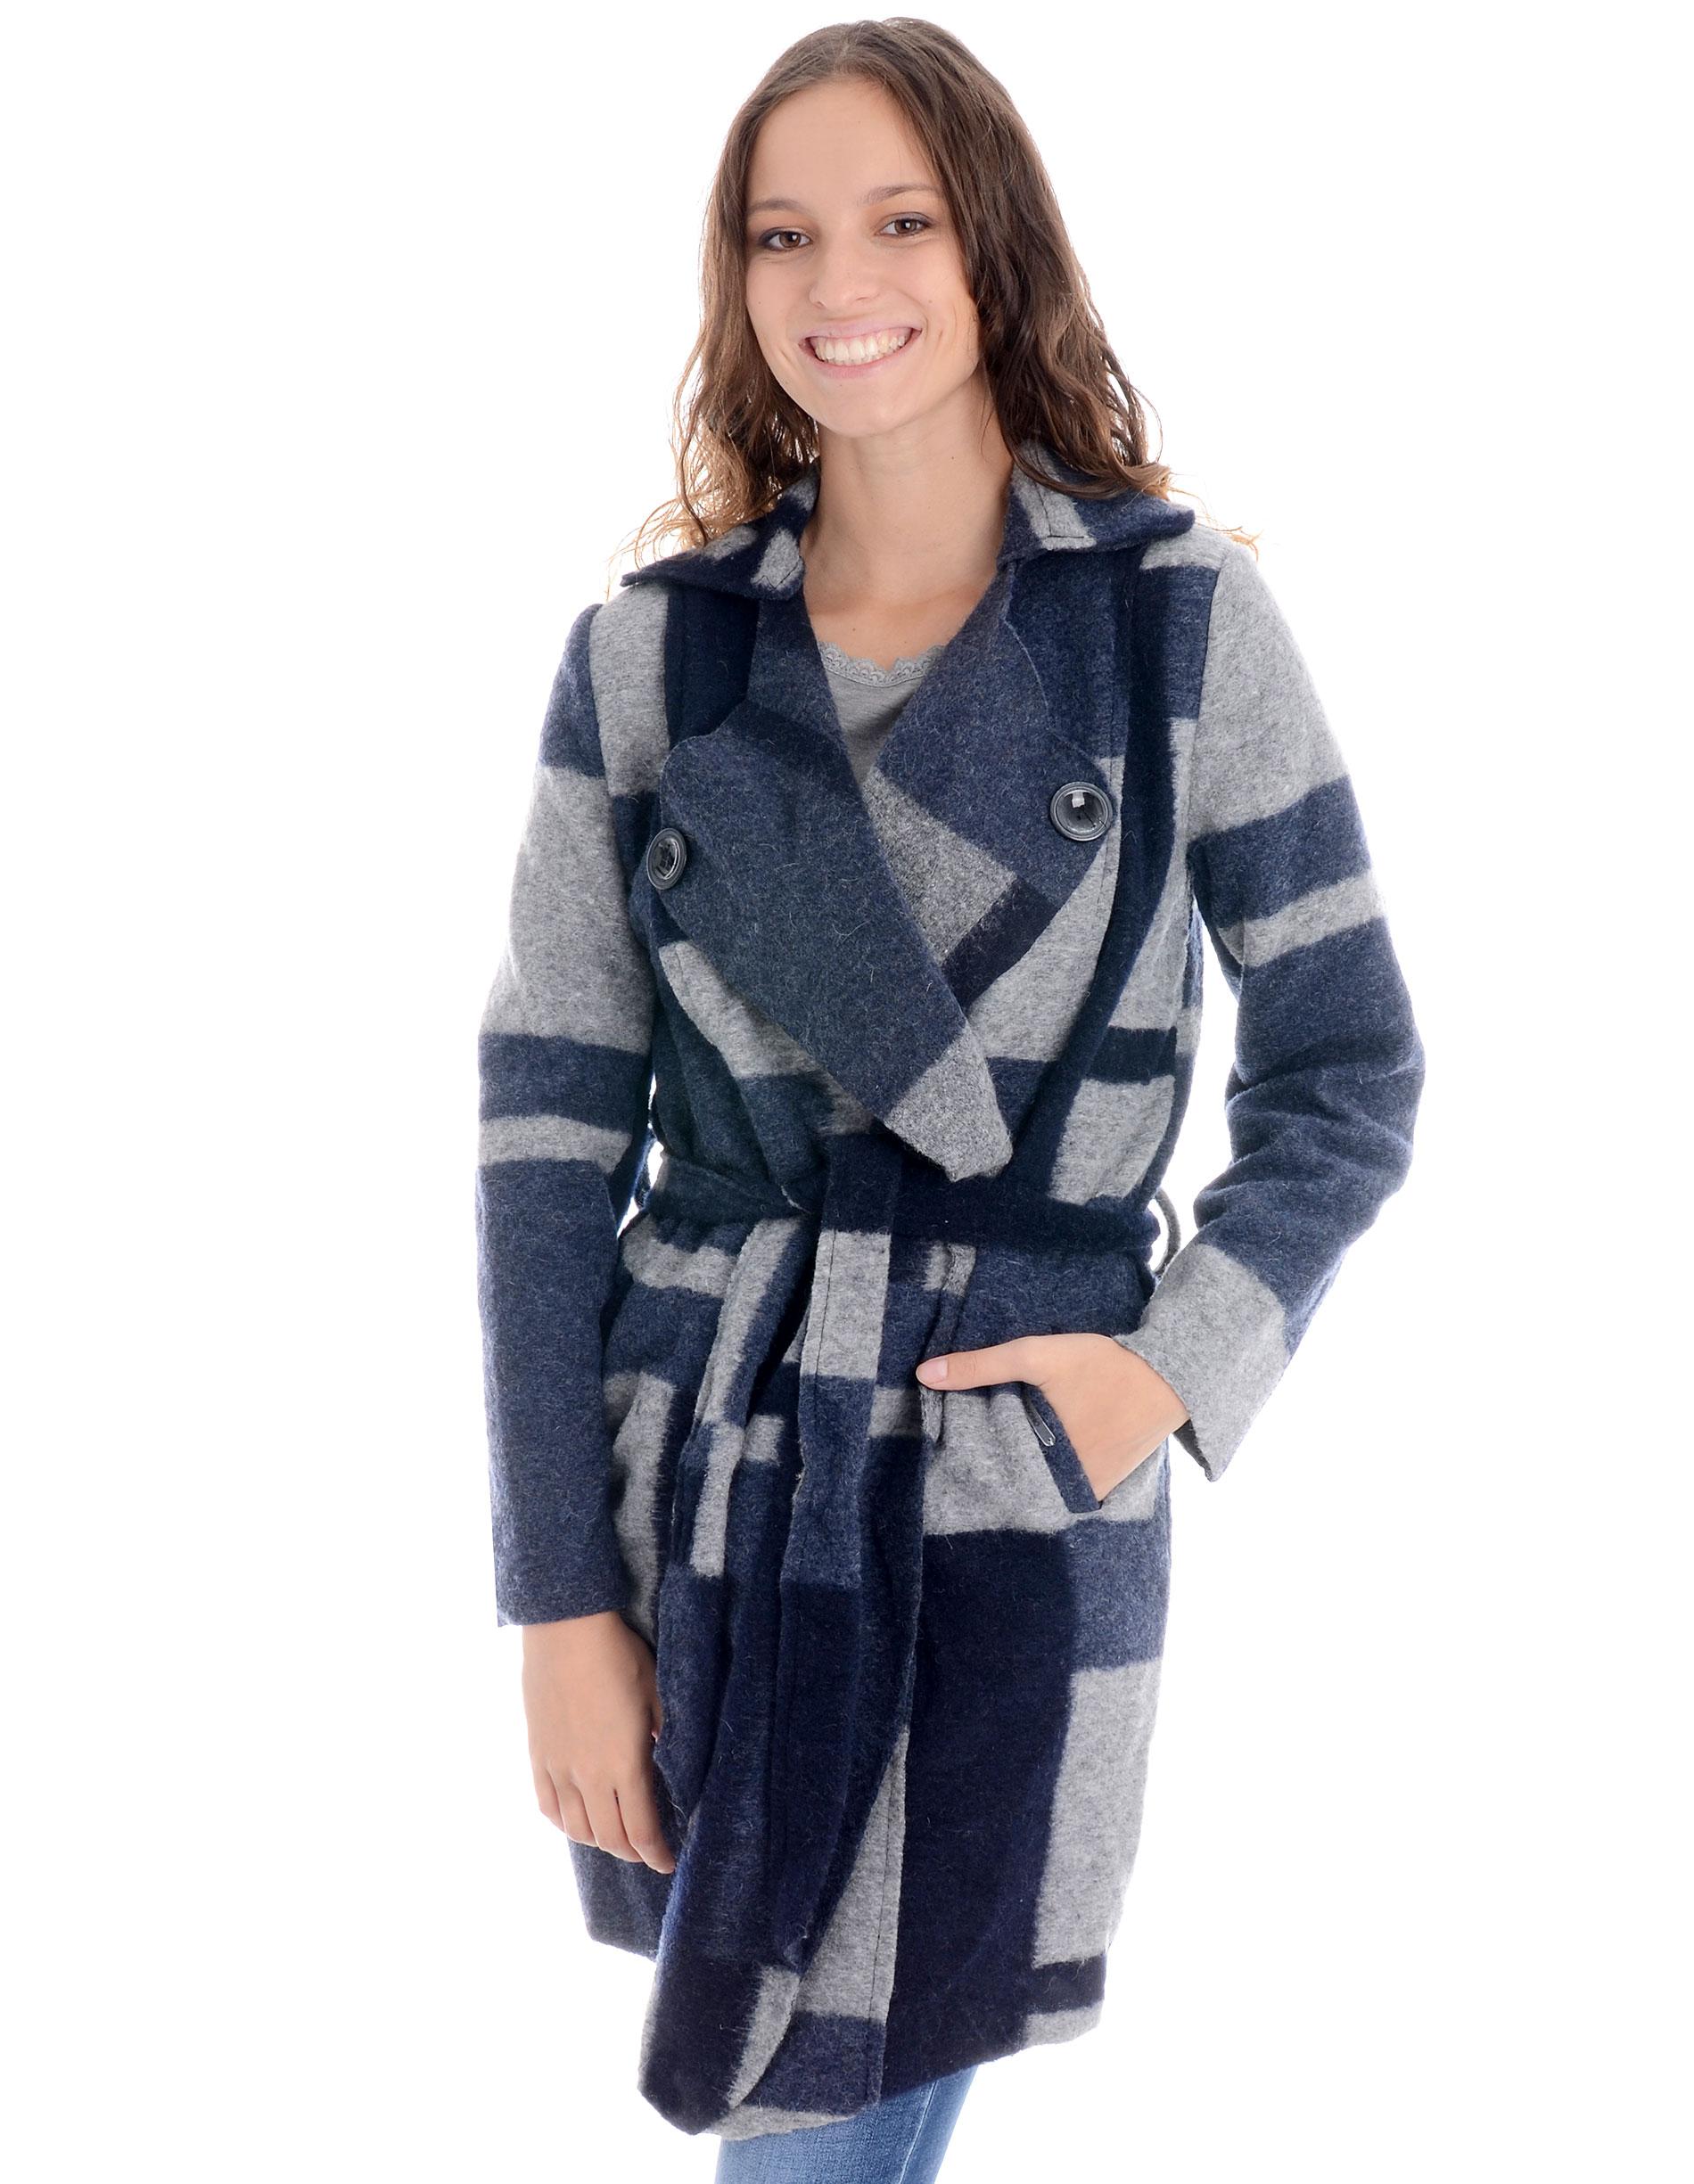 Płaszcz materiałowy - 34-3688 BL SC - Unisono